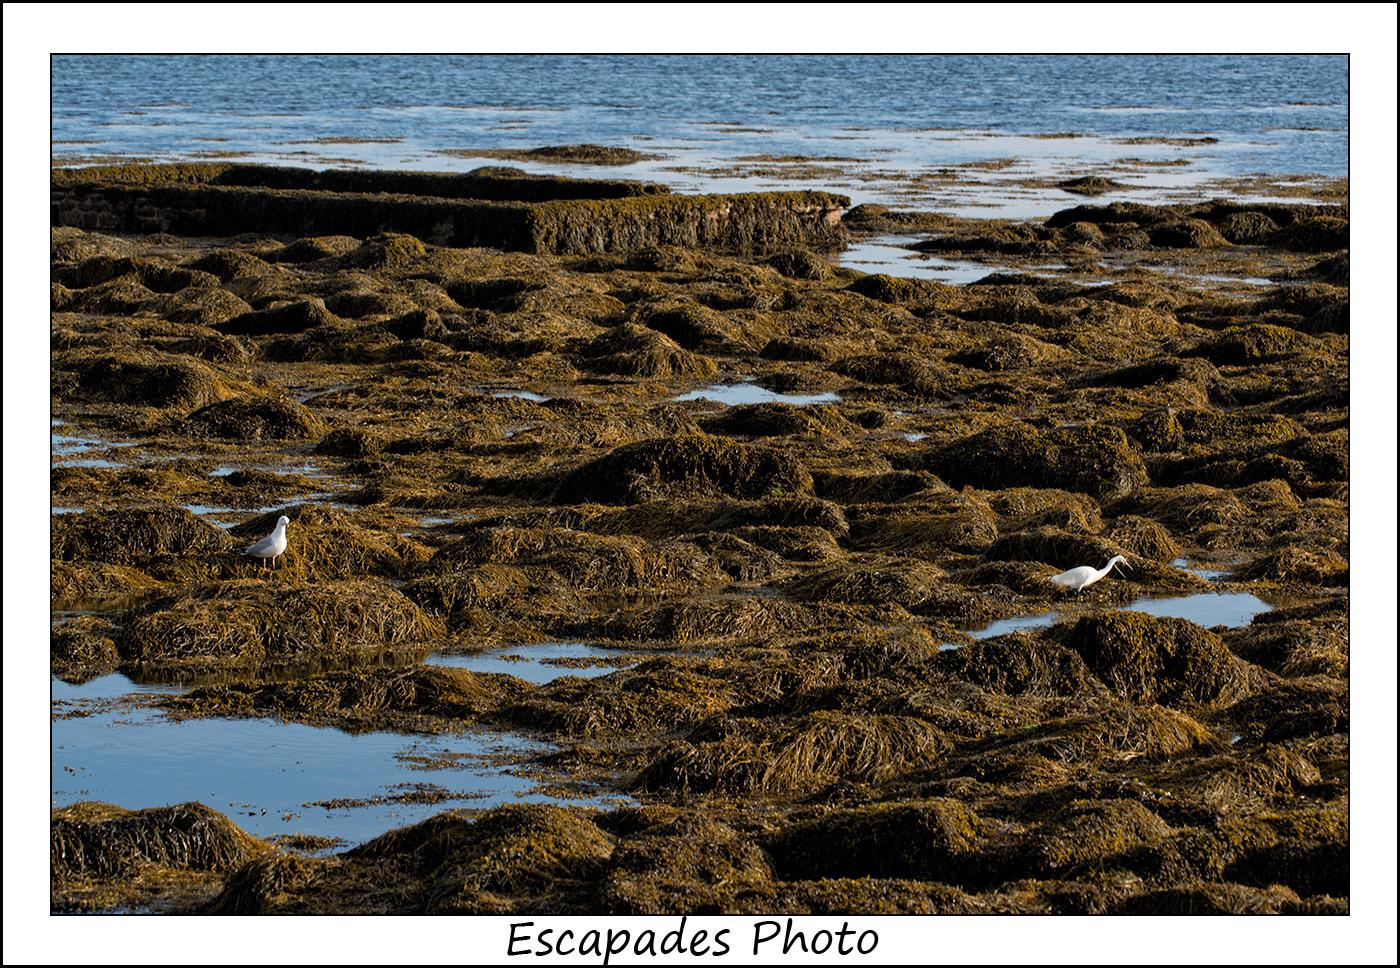 Goéland et aigrette et haricots de mer